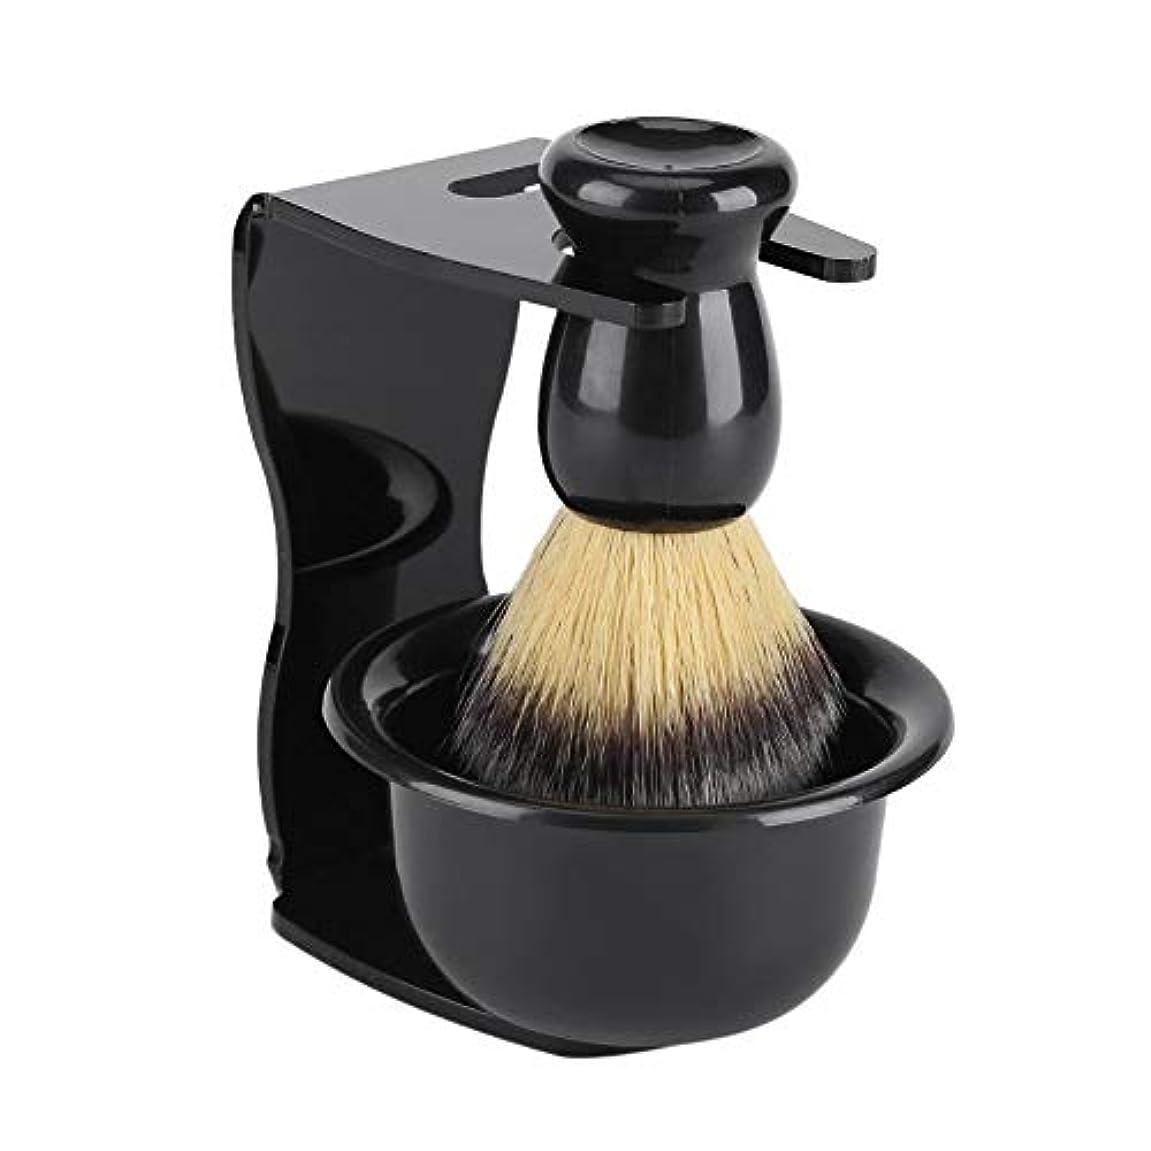 時代遅れ通知リンク3セットひげブラシ シェービングブラシ プレゼントシェービングブラシセット プラシスタンド 石鹸ボウル 理容 洗顔 髭剃り